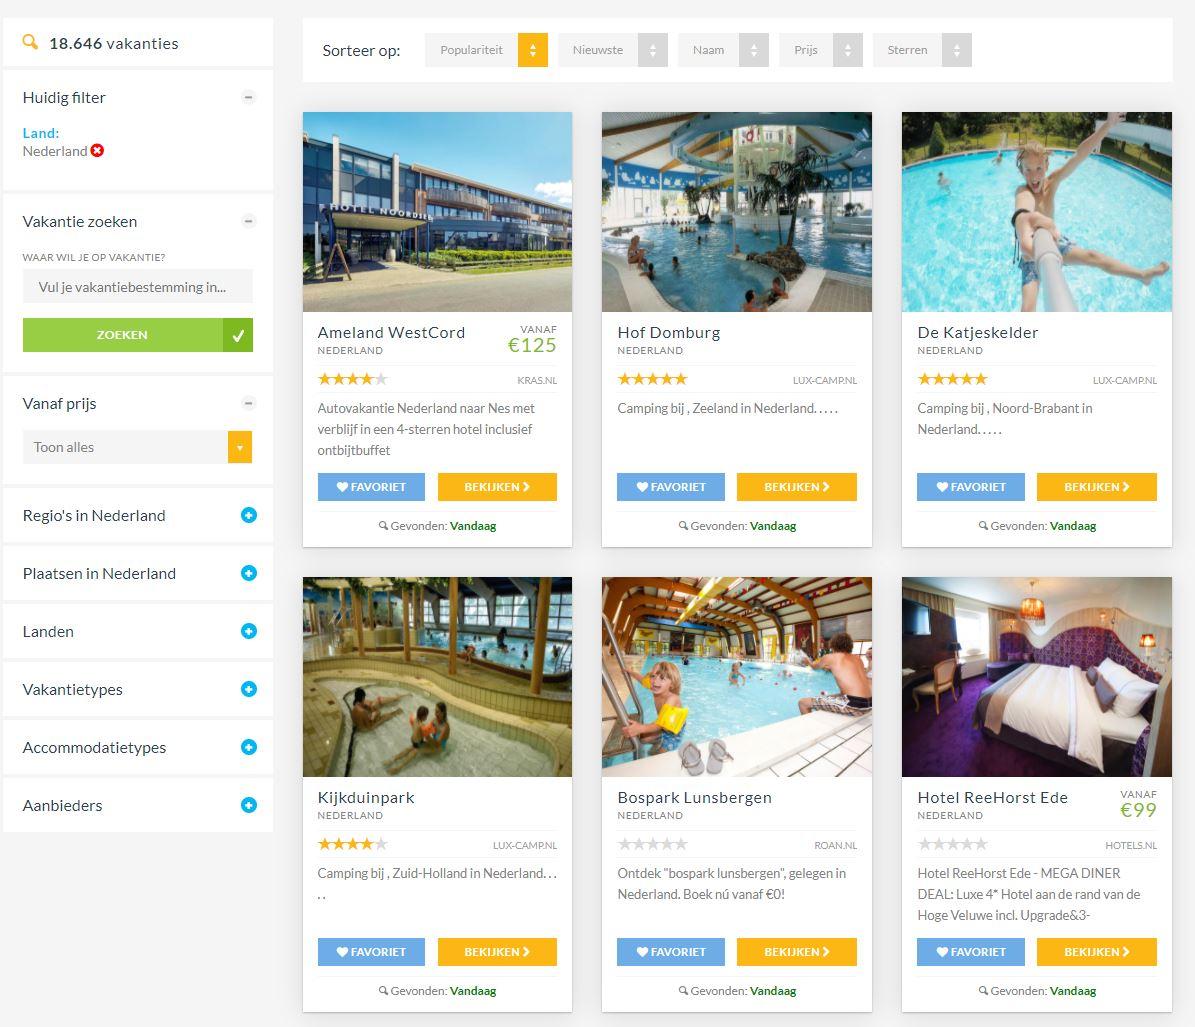 Vakantie vergelijker zoekallevakanties.nl